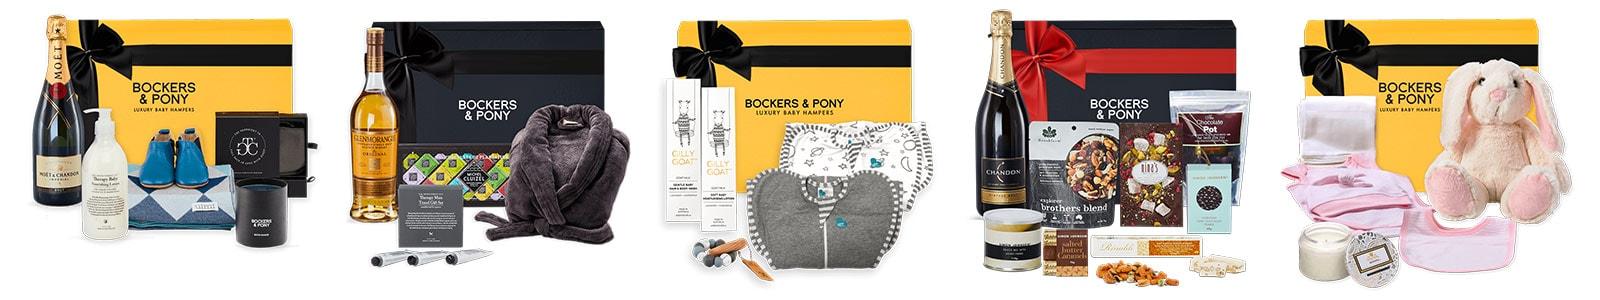 Bockers & Pony's banner